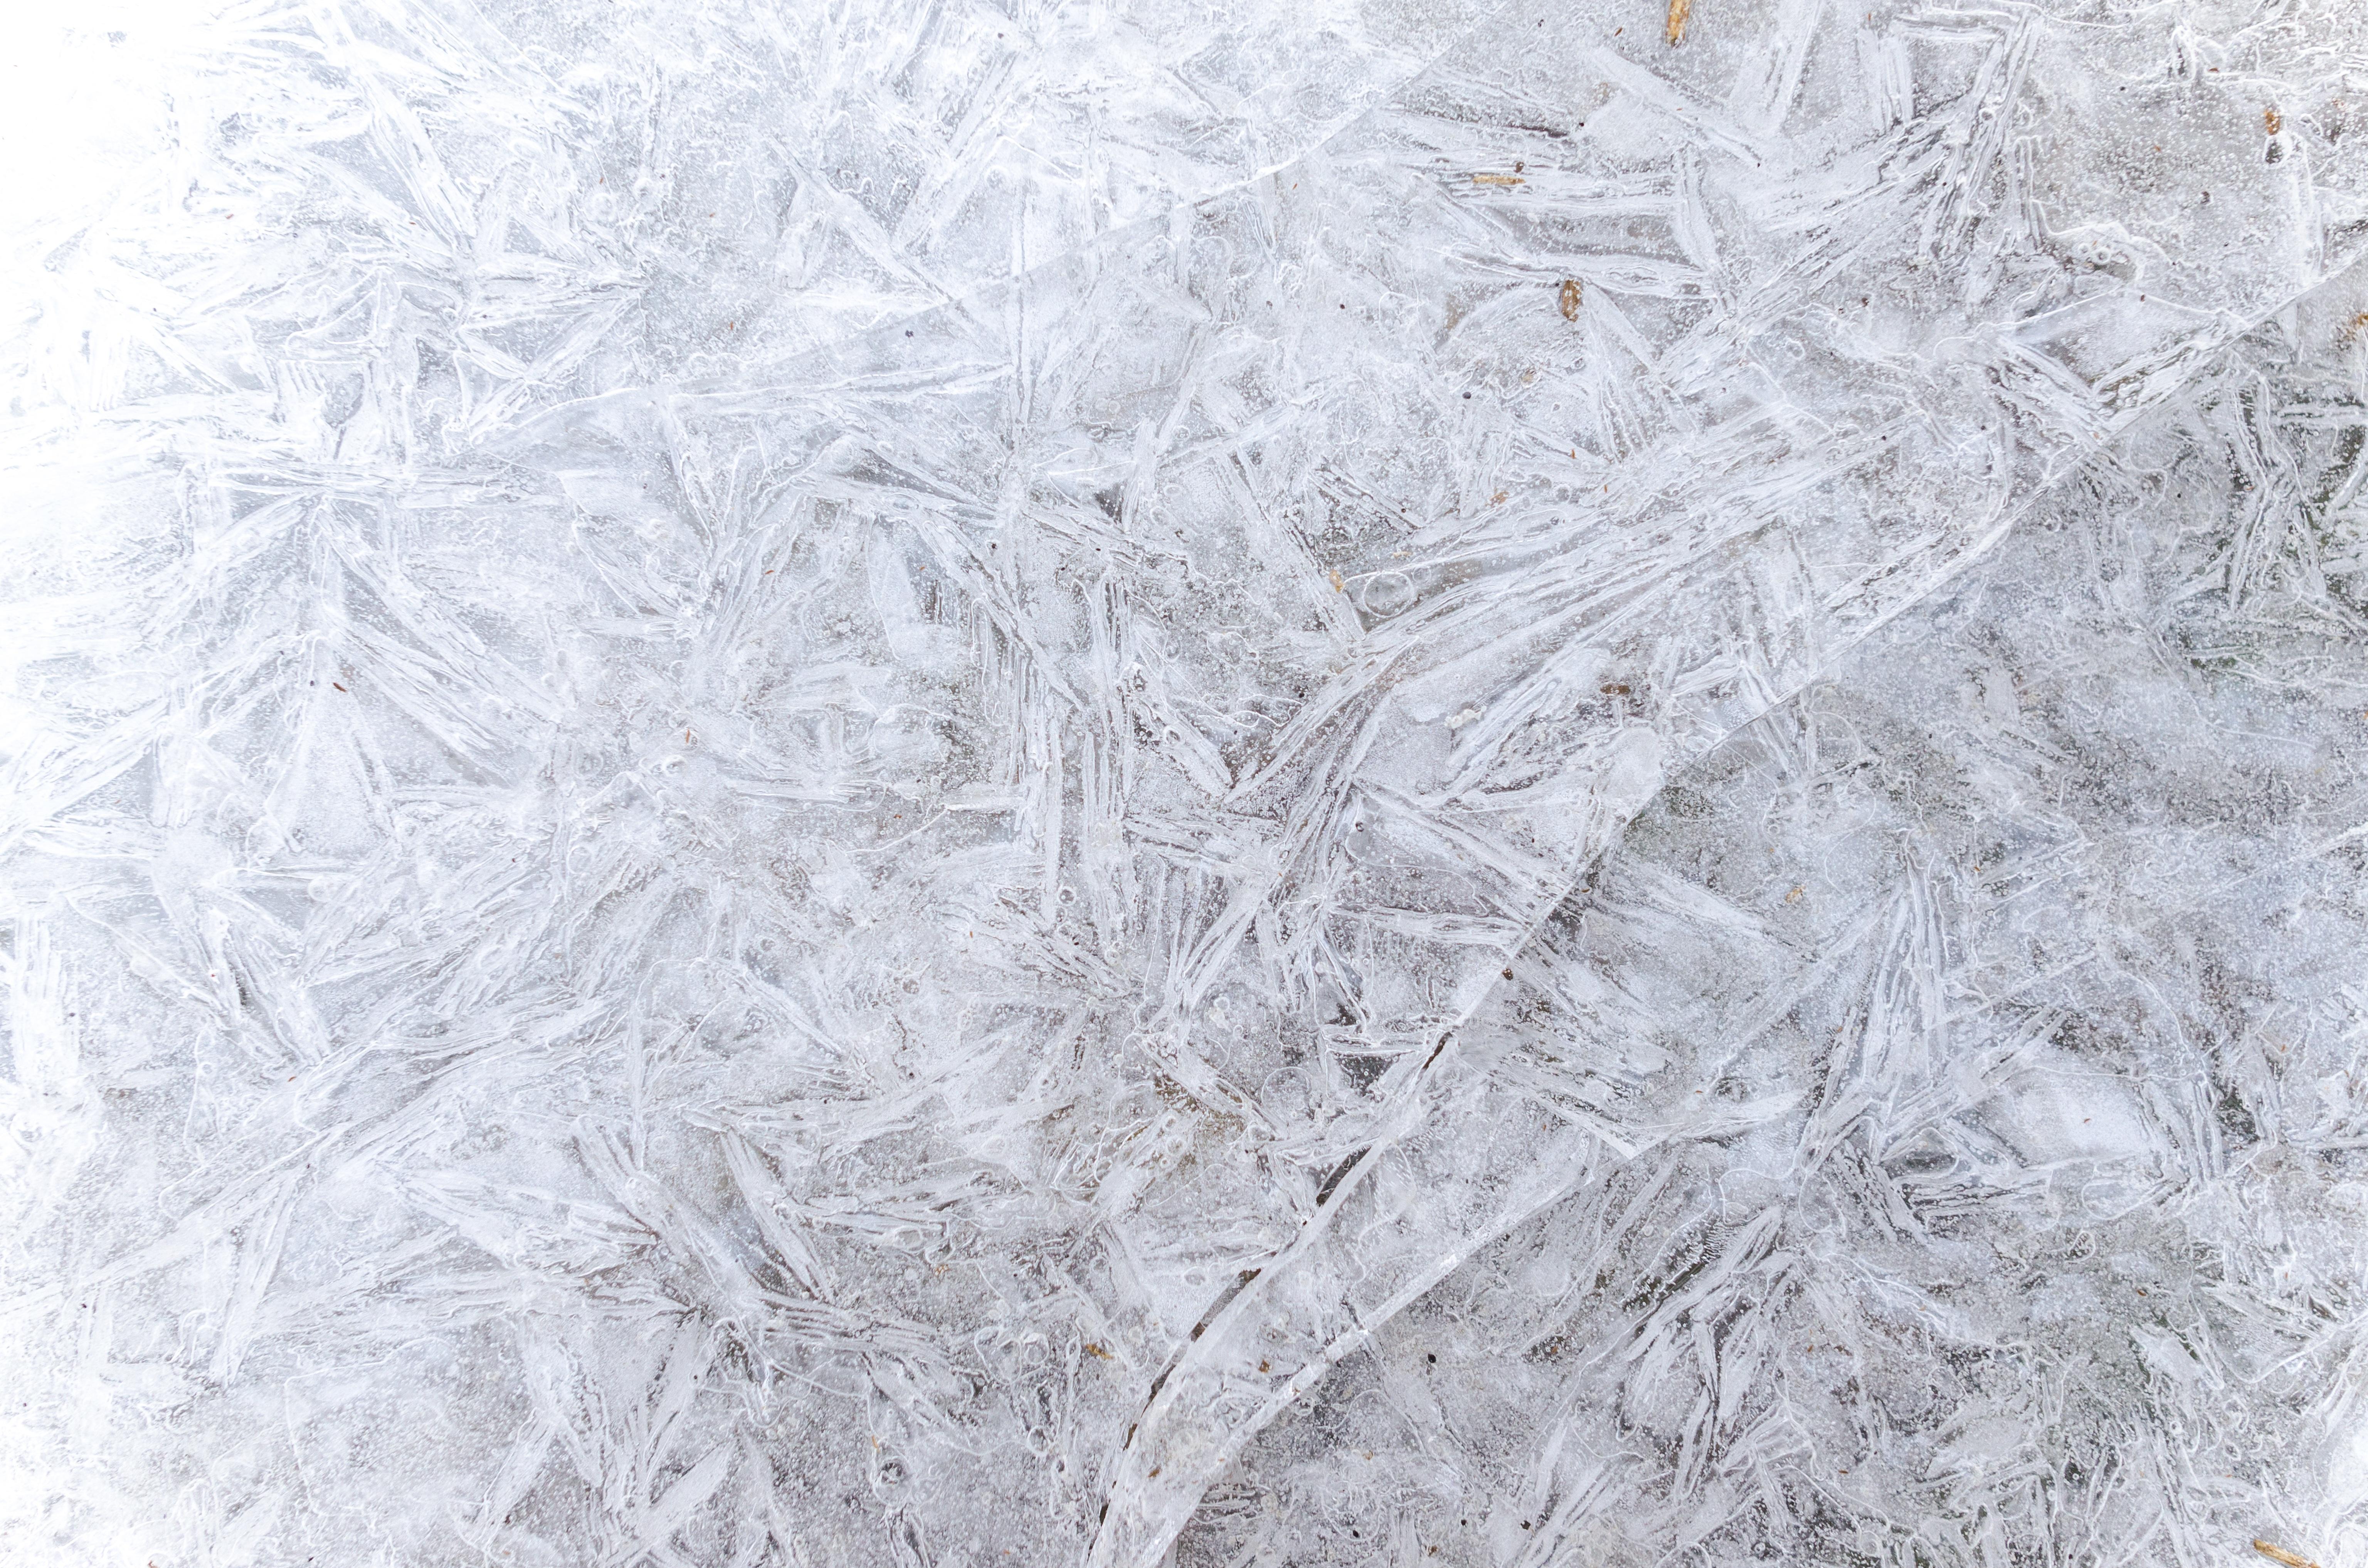 Fotos gratis : patrón, invierno, frío, hielo, azul, textura ...